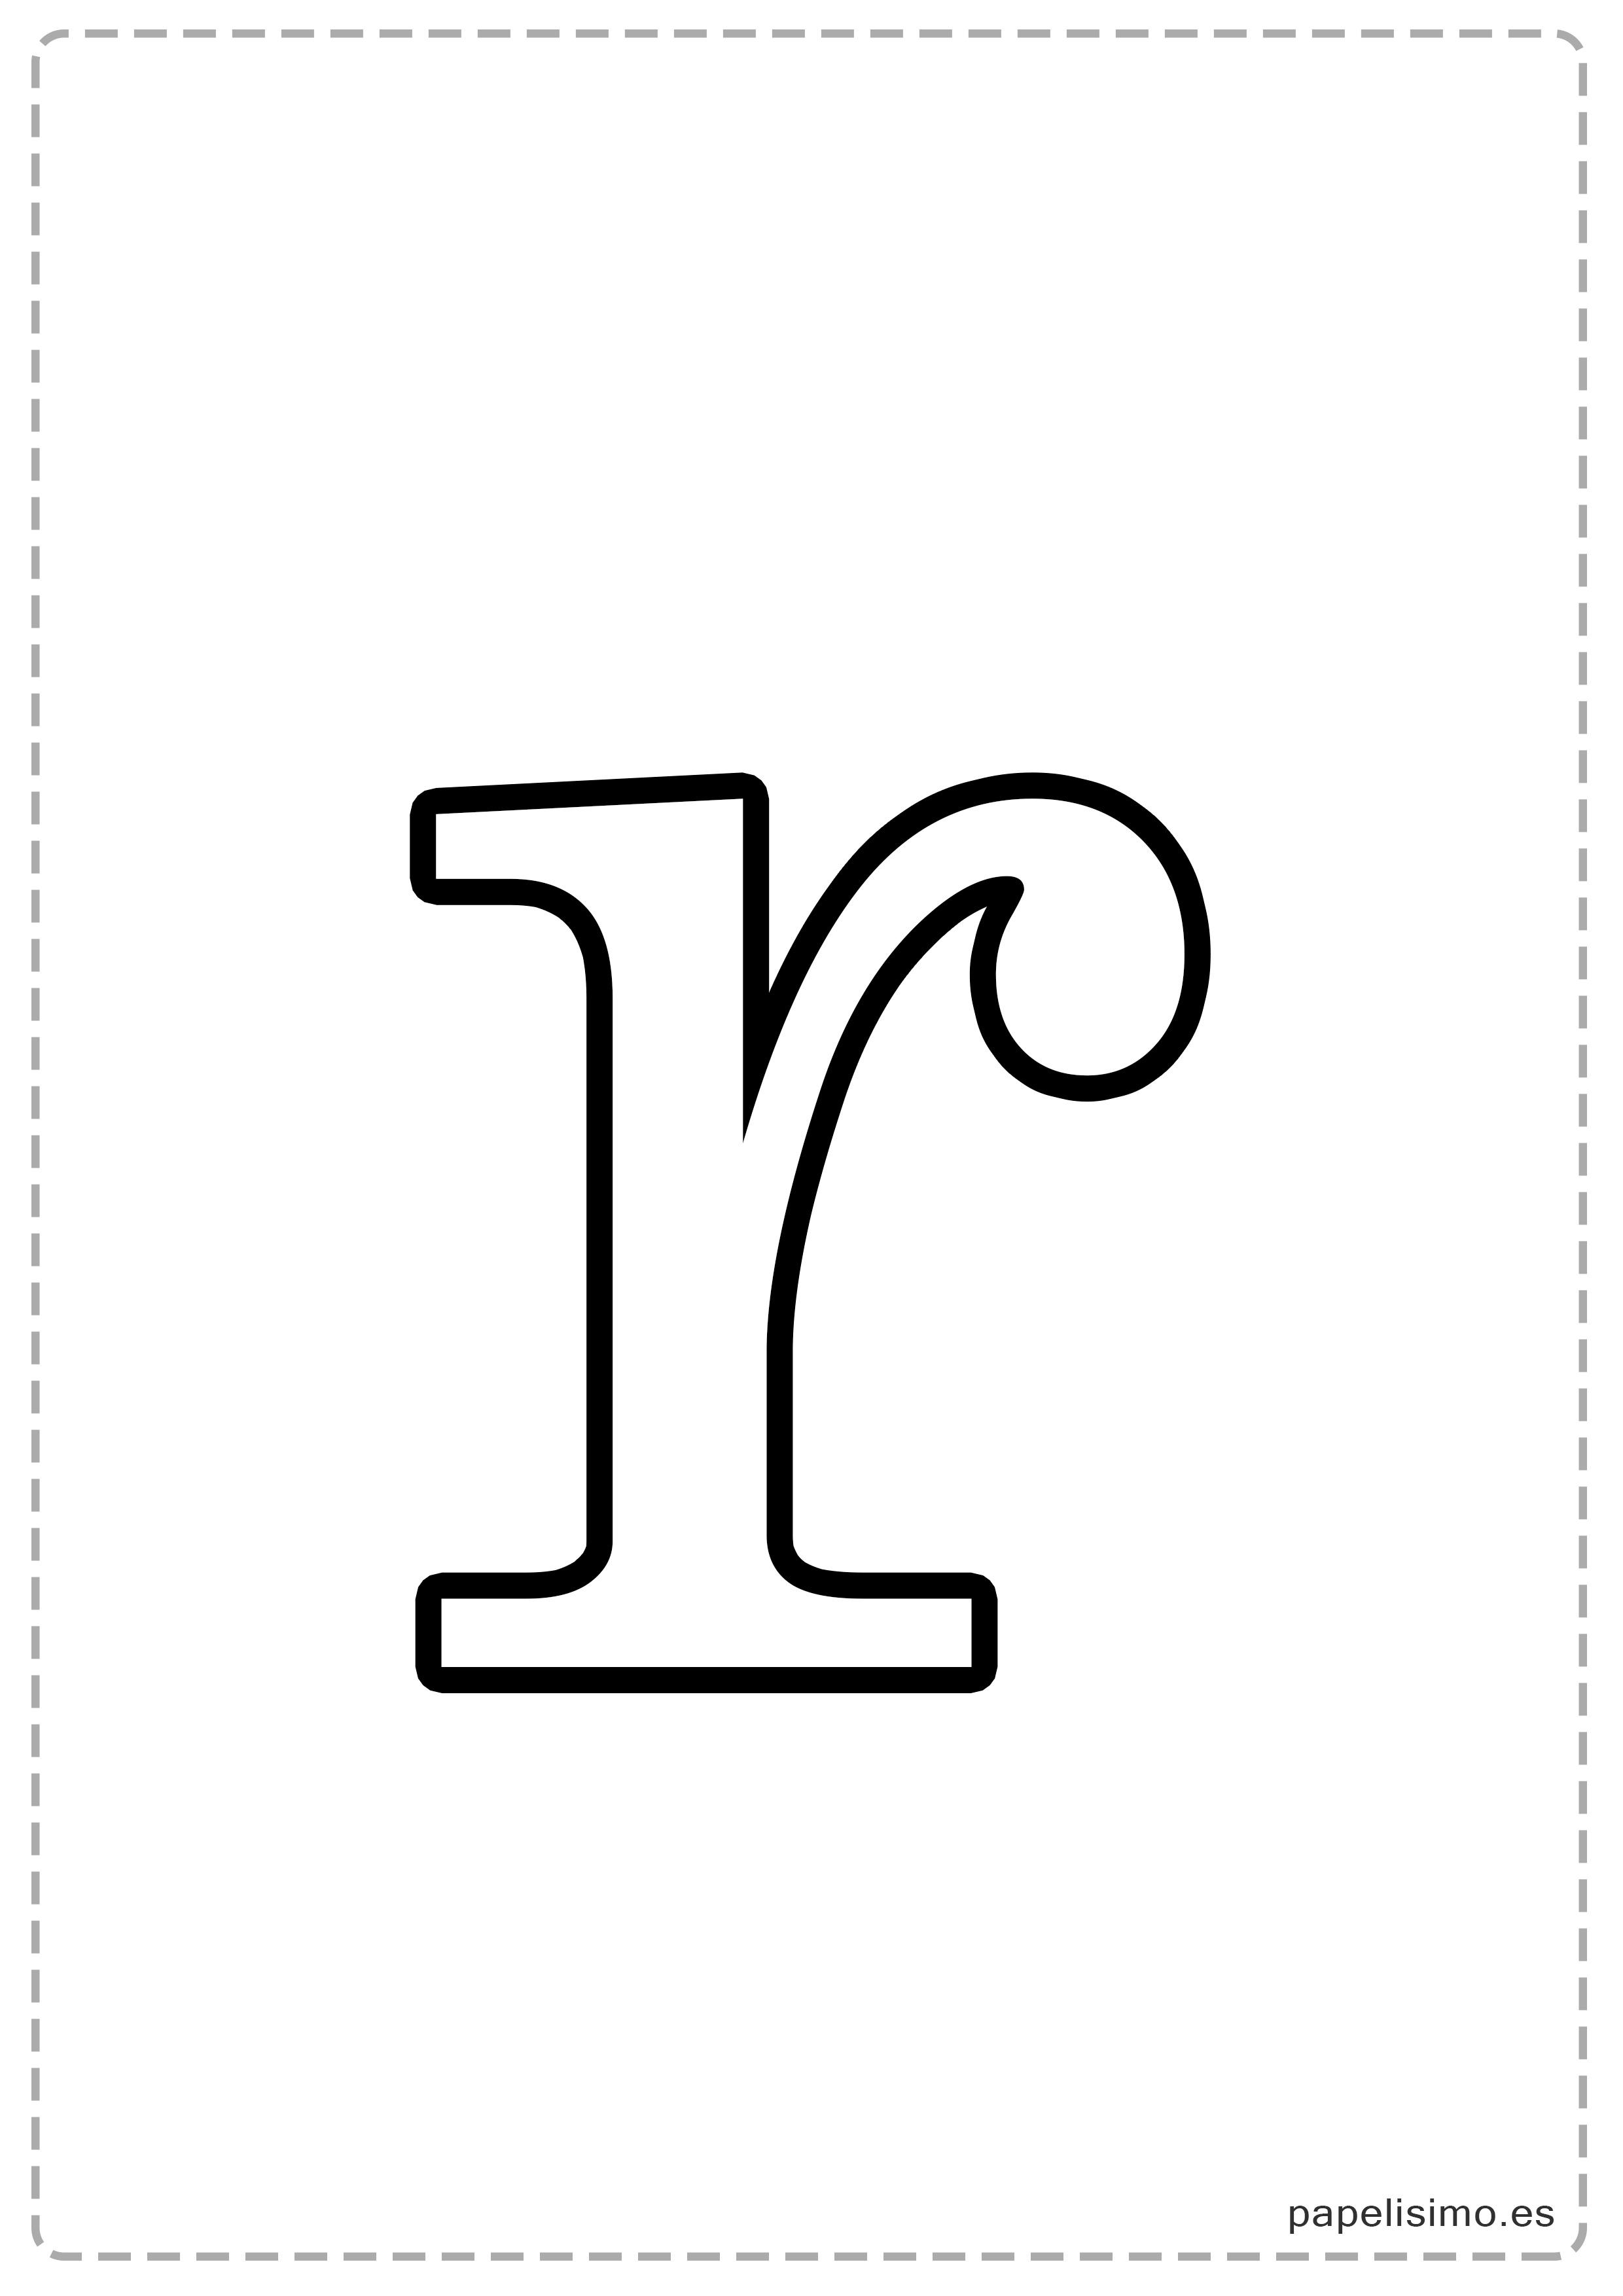 Letras Grandes Para Imprimir Minusculas Papelisimo